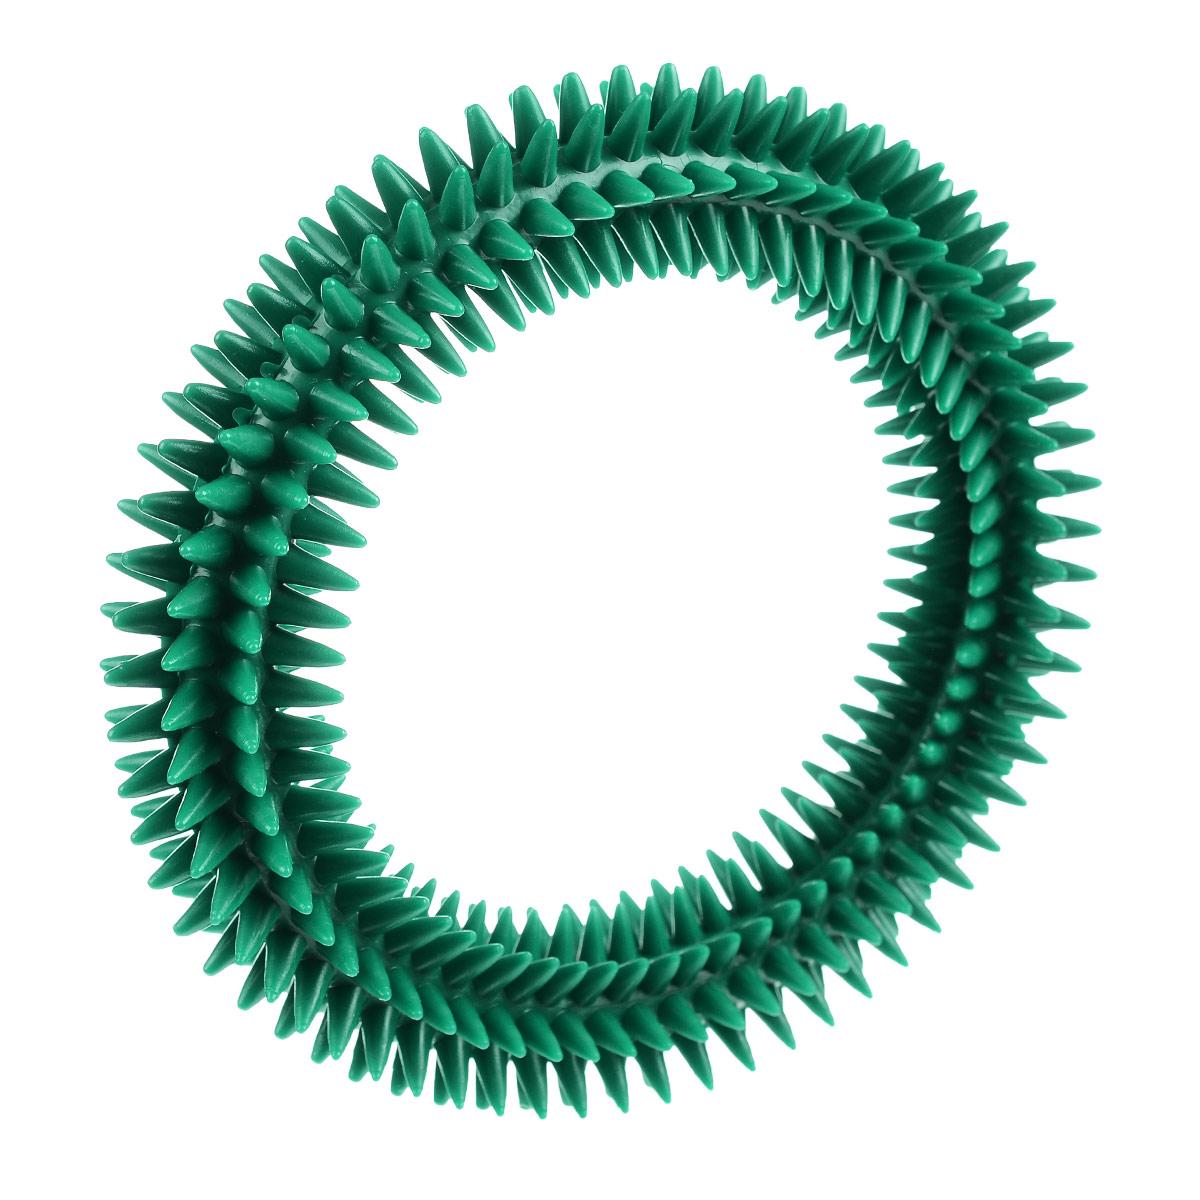 Кольцо массажное с шипами V.I.Pet, цвет: зеленый, диаметр 16 см0120710Массажное кольцо с шипами V.I.Pet предназначено для собак. Прочная игрушка выполнена из пластика с использованием только безопасных, не токсичных красителей. Отлично подходит для игры с собакой, во время которой будет происходить массаж и укрепление десен вашего питомца. Как и в случае с любой другой игрушкой для животных, присматривайте за собакой во время игры. Диаметр: 16 см.Товар сертифицирован.